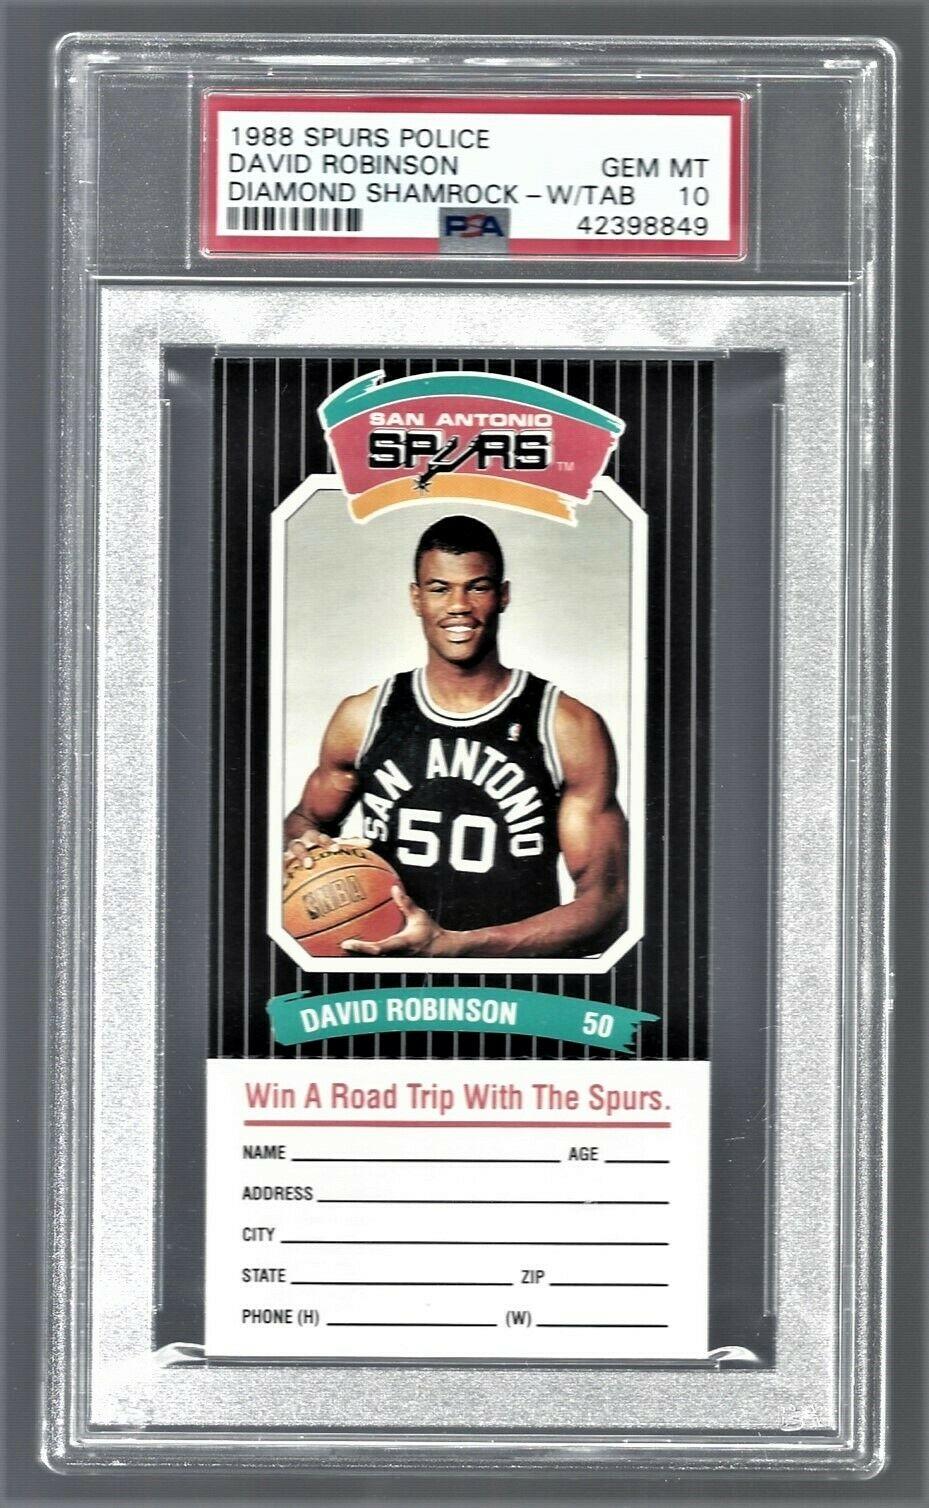 1988-89 Diamond Shamrock San Antonio Police David Robinson Card PSA 10 price